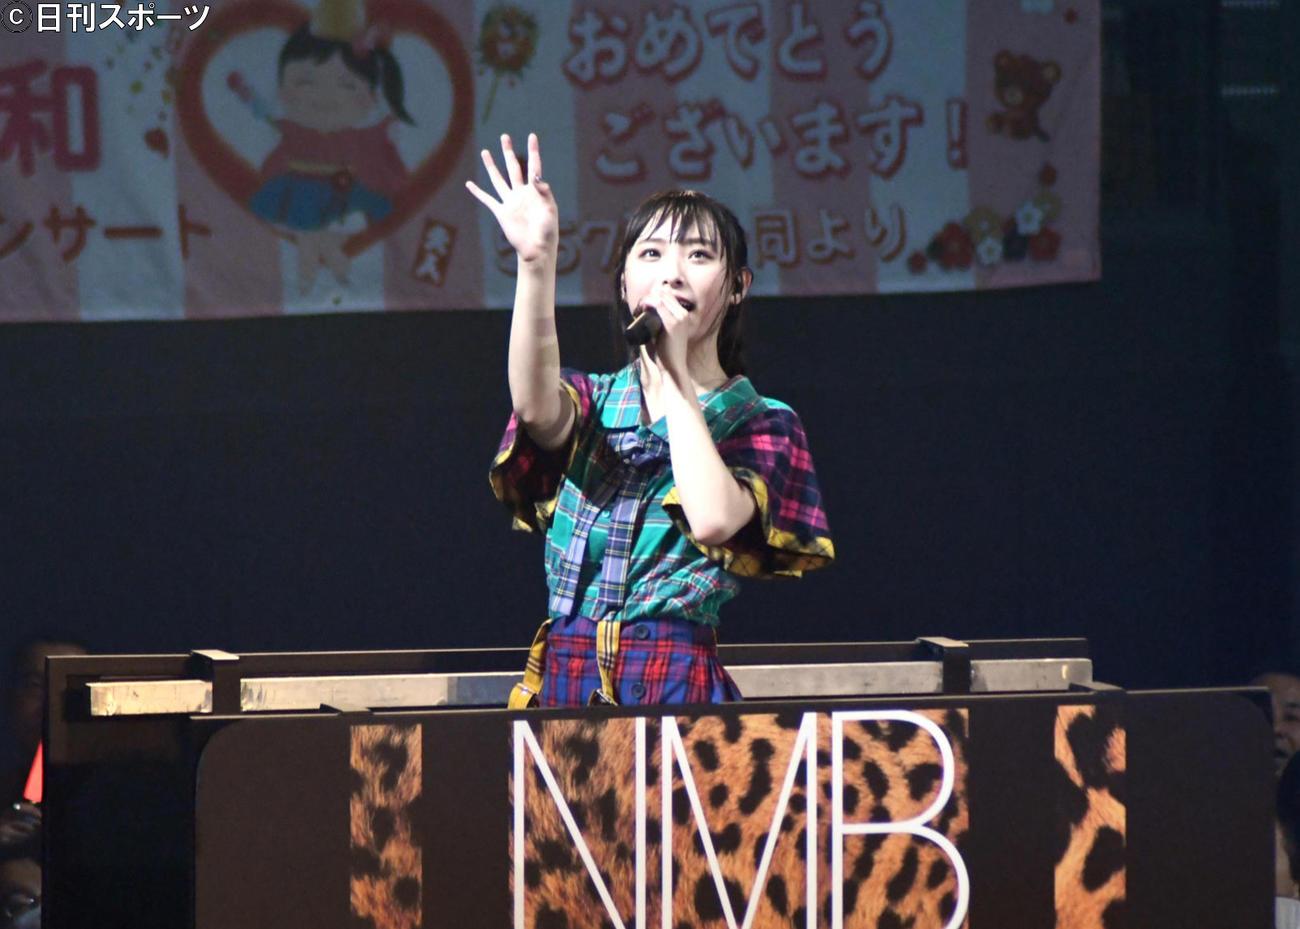 初のソロコンサートでファンに手を振るNMB48梅山恋和(撮影・大友陽平)